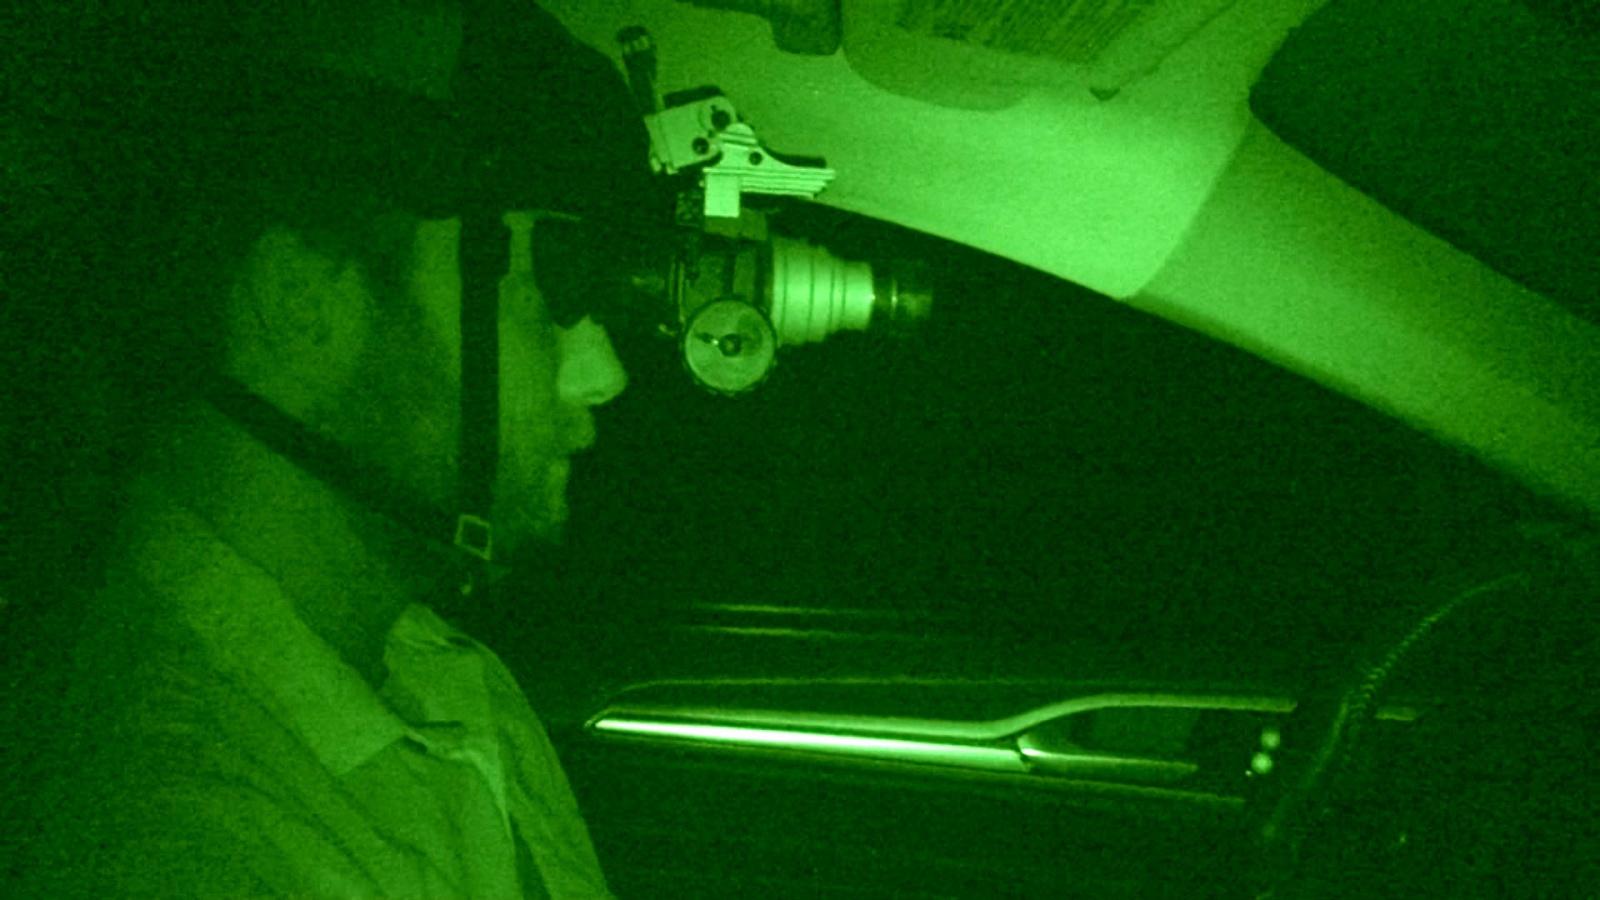 Беспилотный Ford проехал по трассе в кромешной темноте - 3